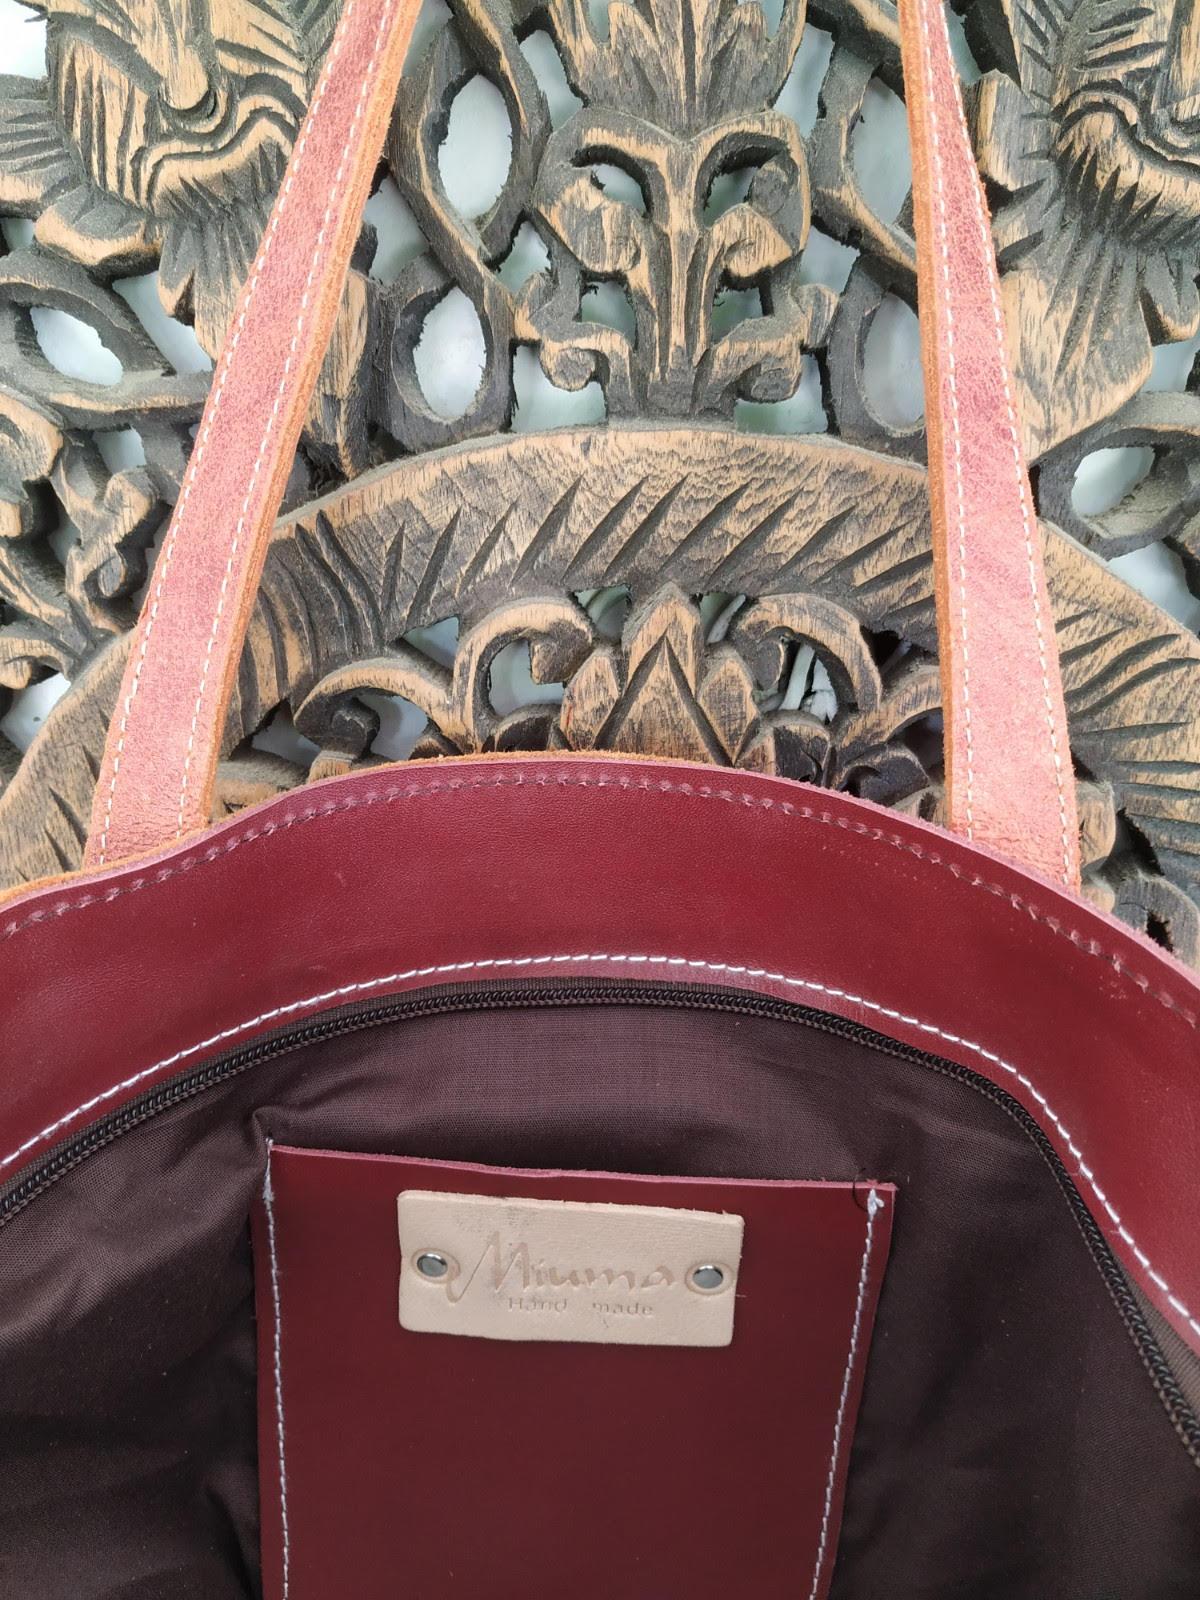 miuma-bolso-rojo-piel-complementos-moda-cambrils